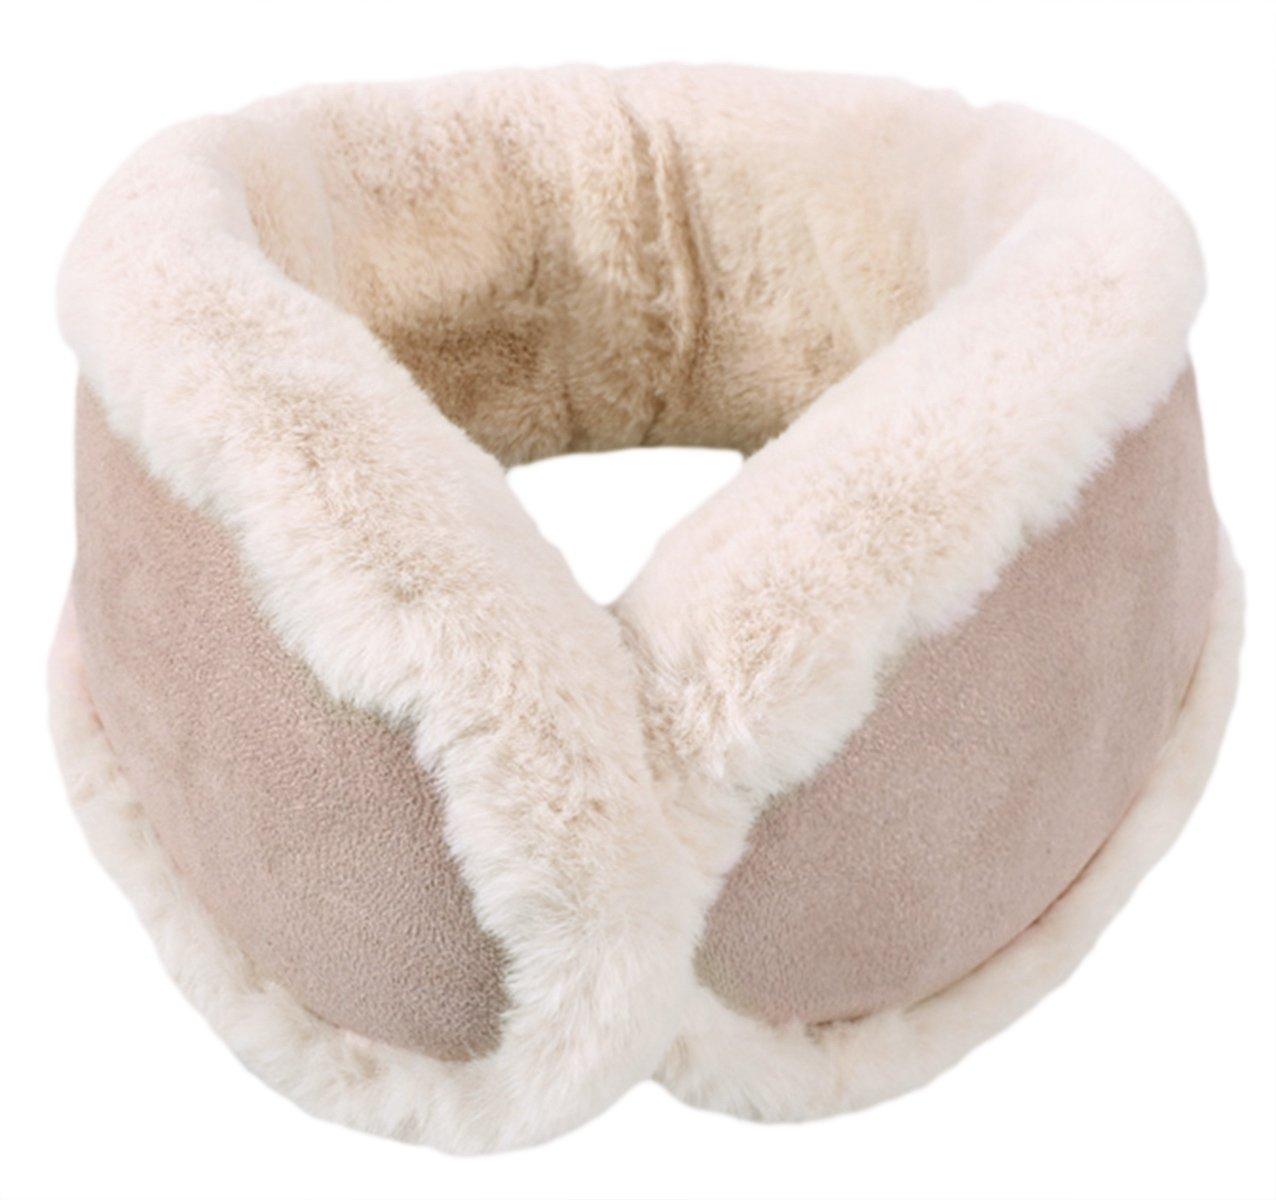 Knolee NEW Unisex Multi-function Earmuffs Earflap Foldable Outdoor Ear Muffs,Beige One Size